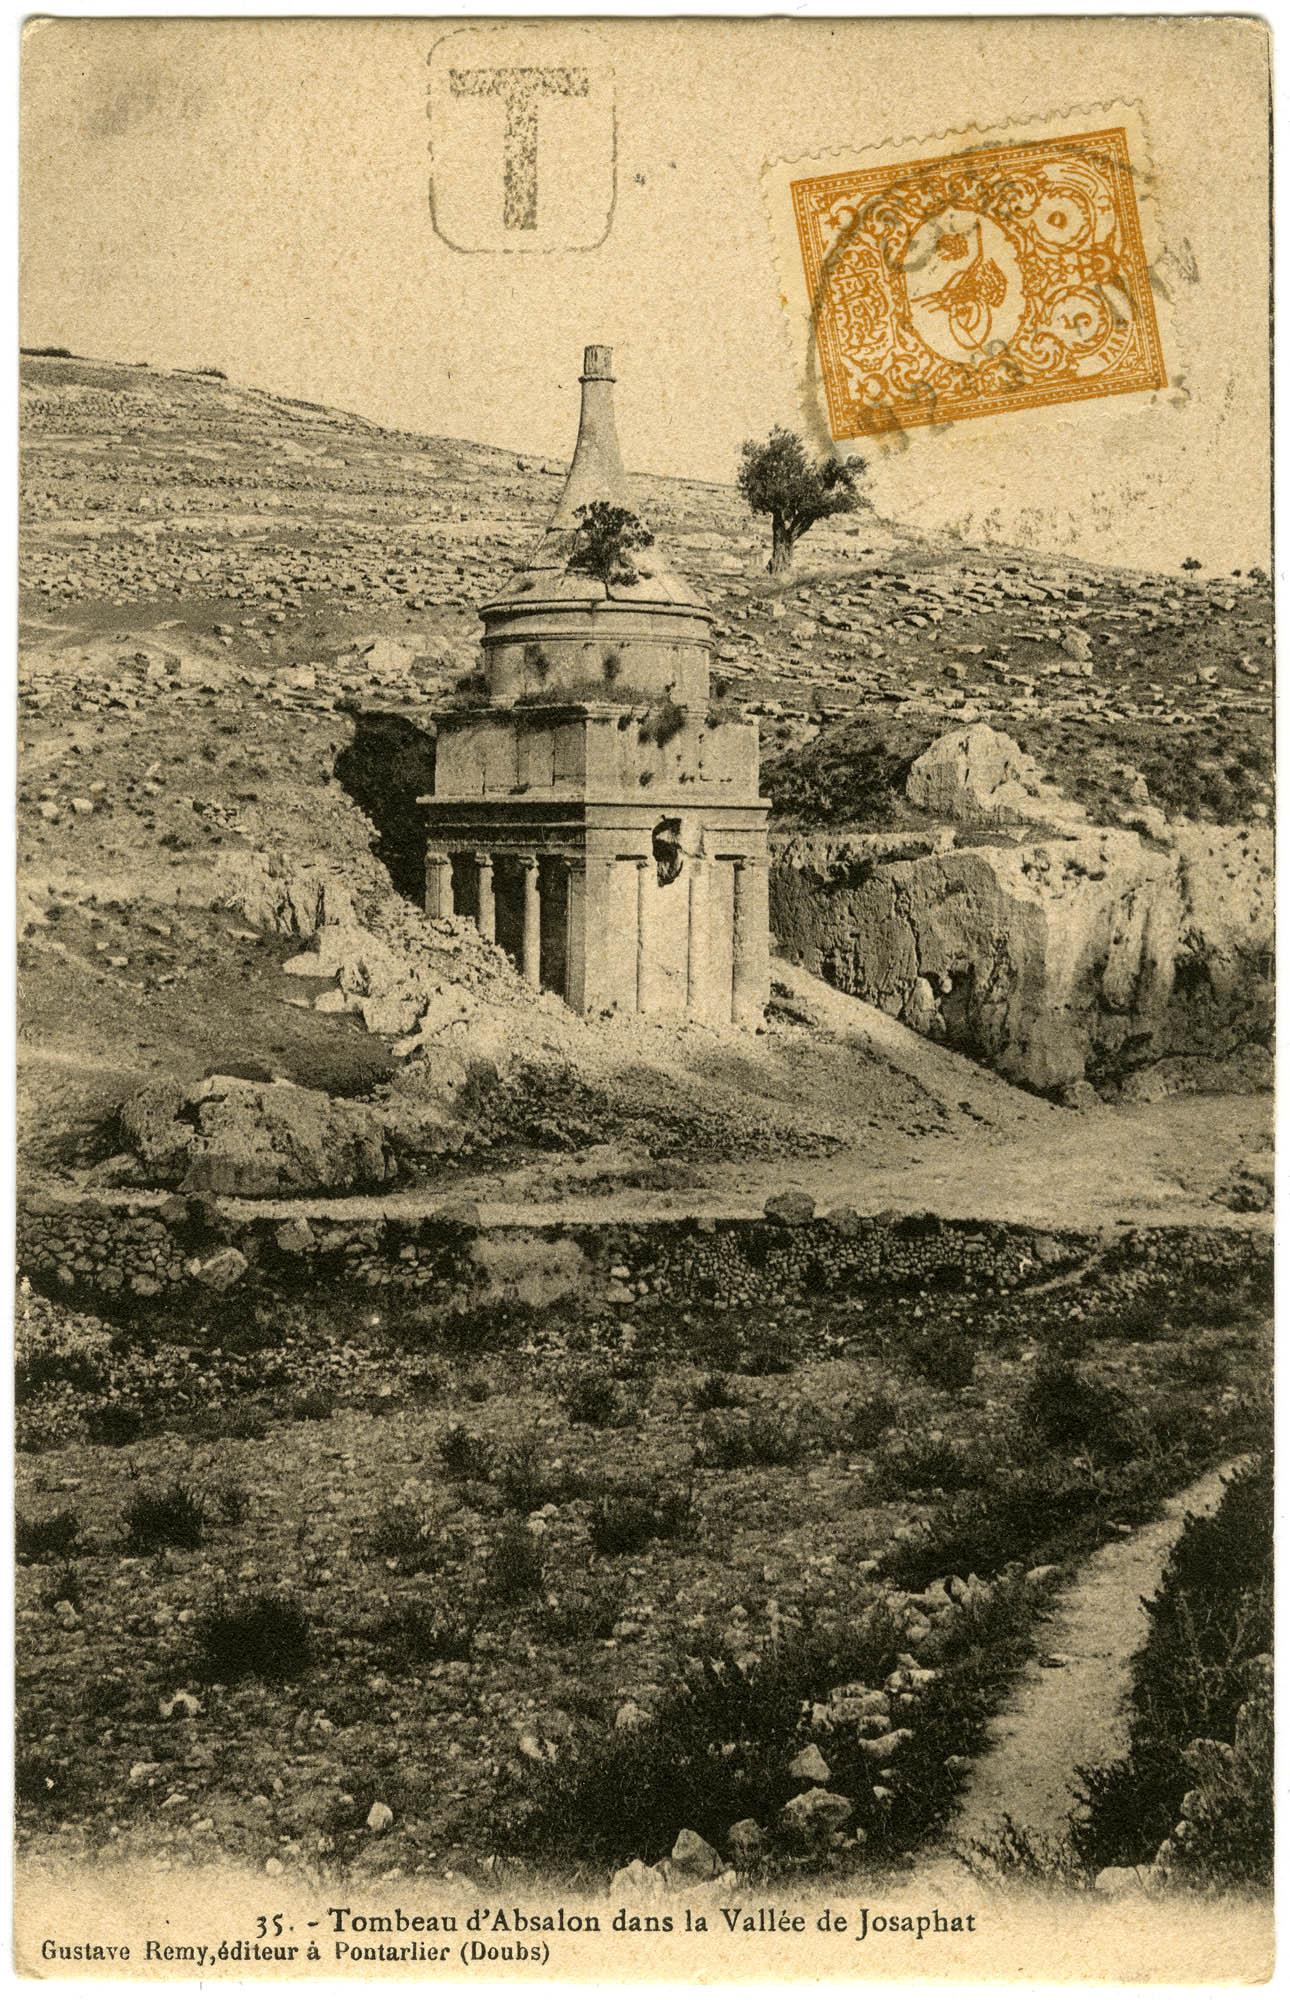 Tombeau d'Absalon dans la Valée de Josaphat